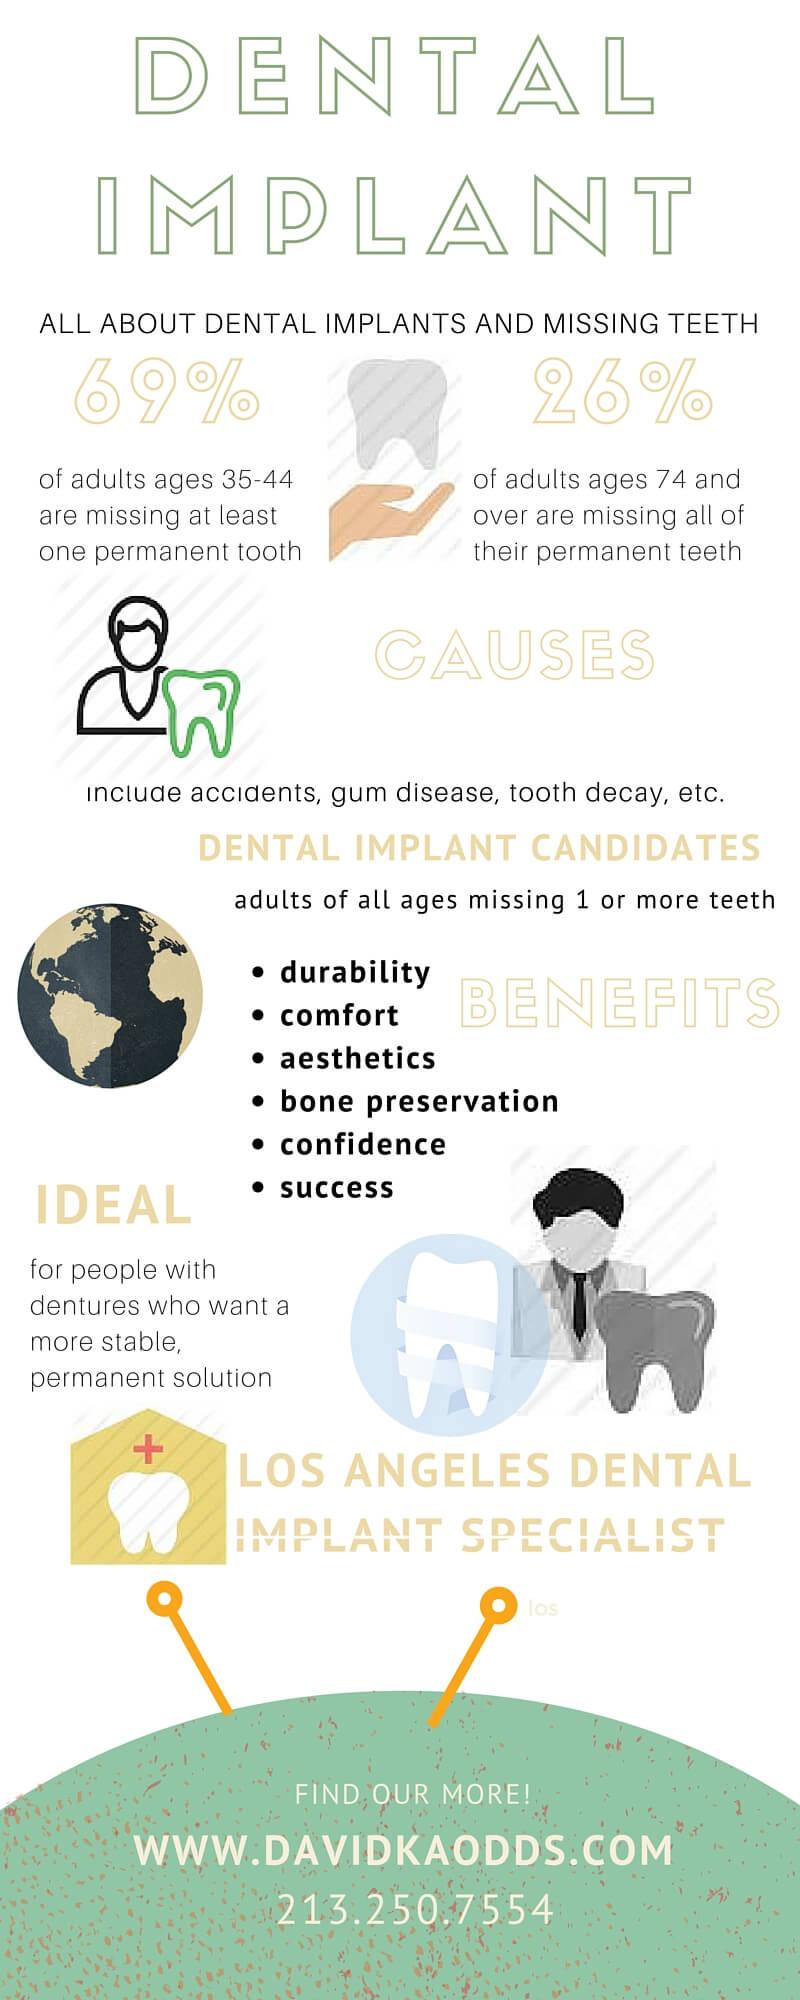 dental implant information